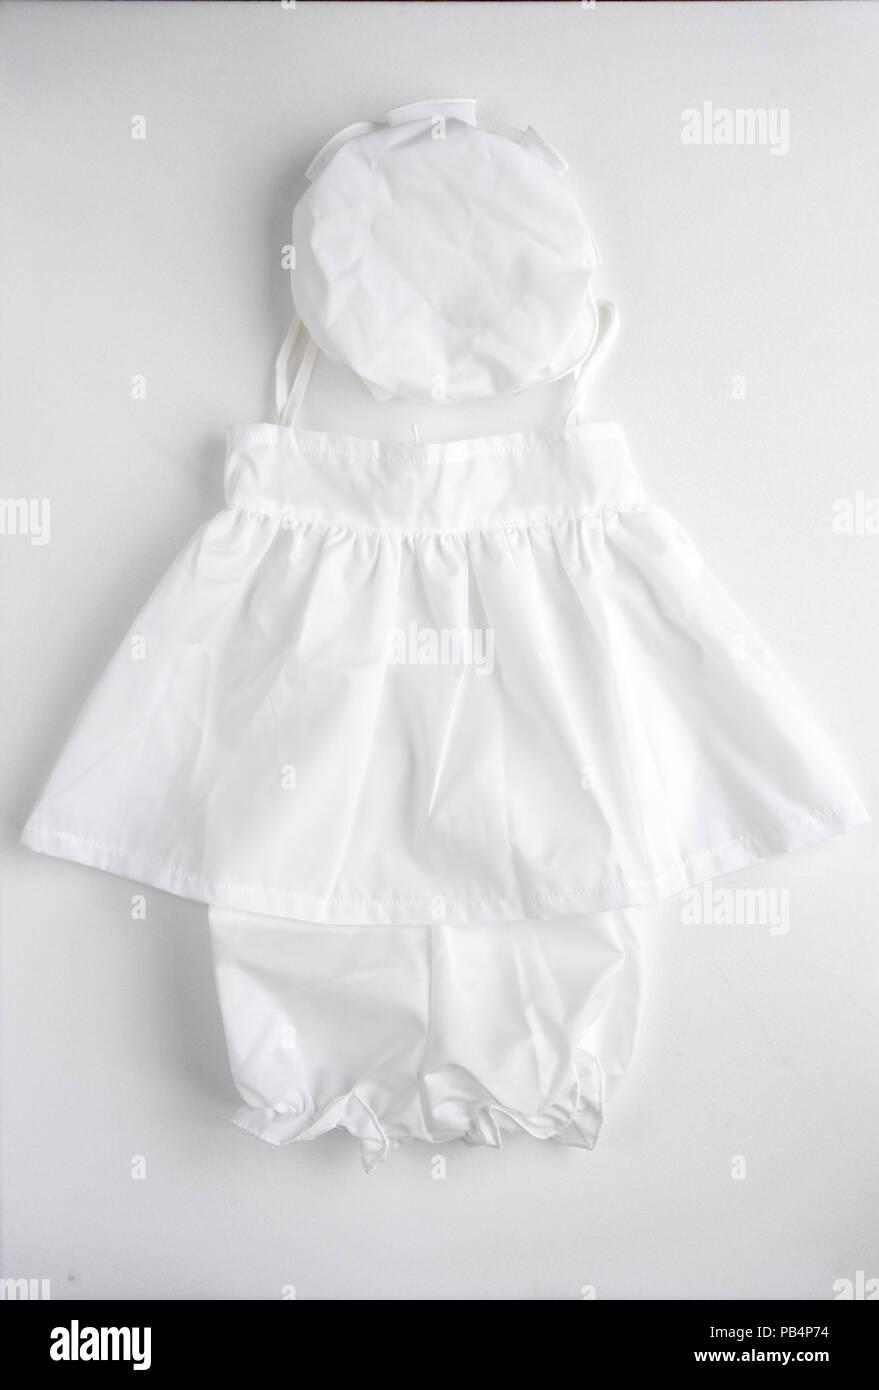 Babykleidung Für Die Taufe Stockfoto Bild 213390888 Alamy